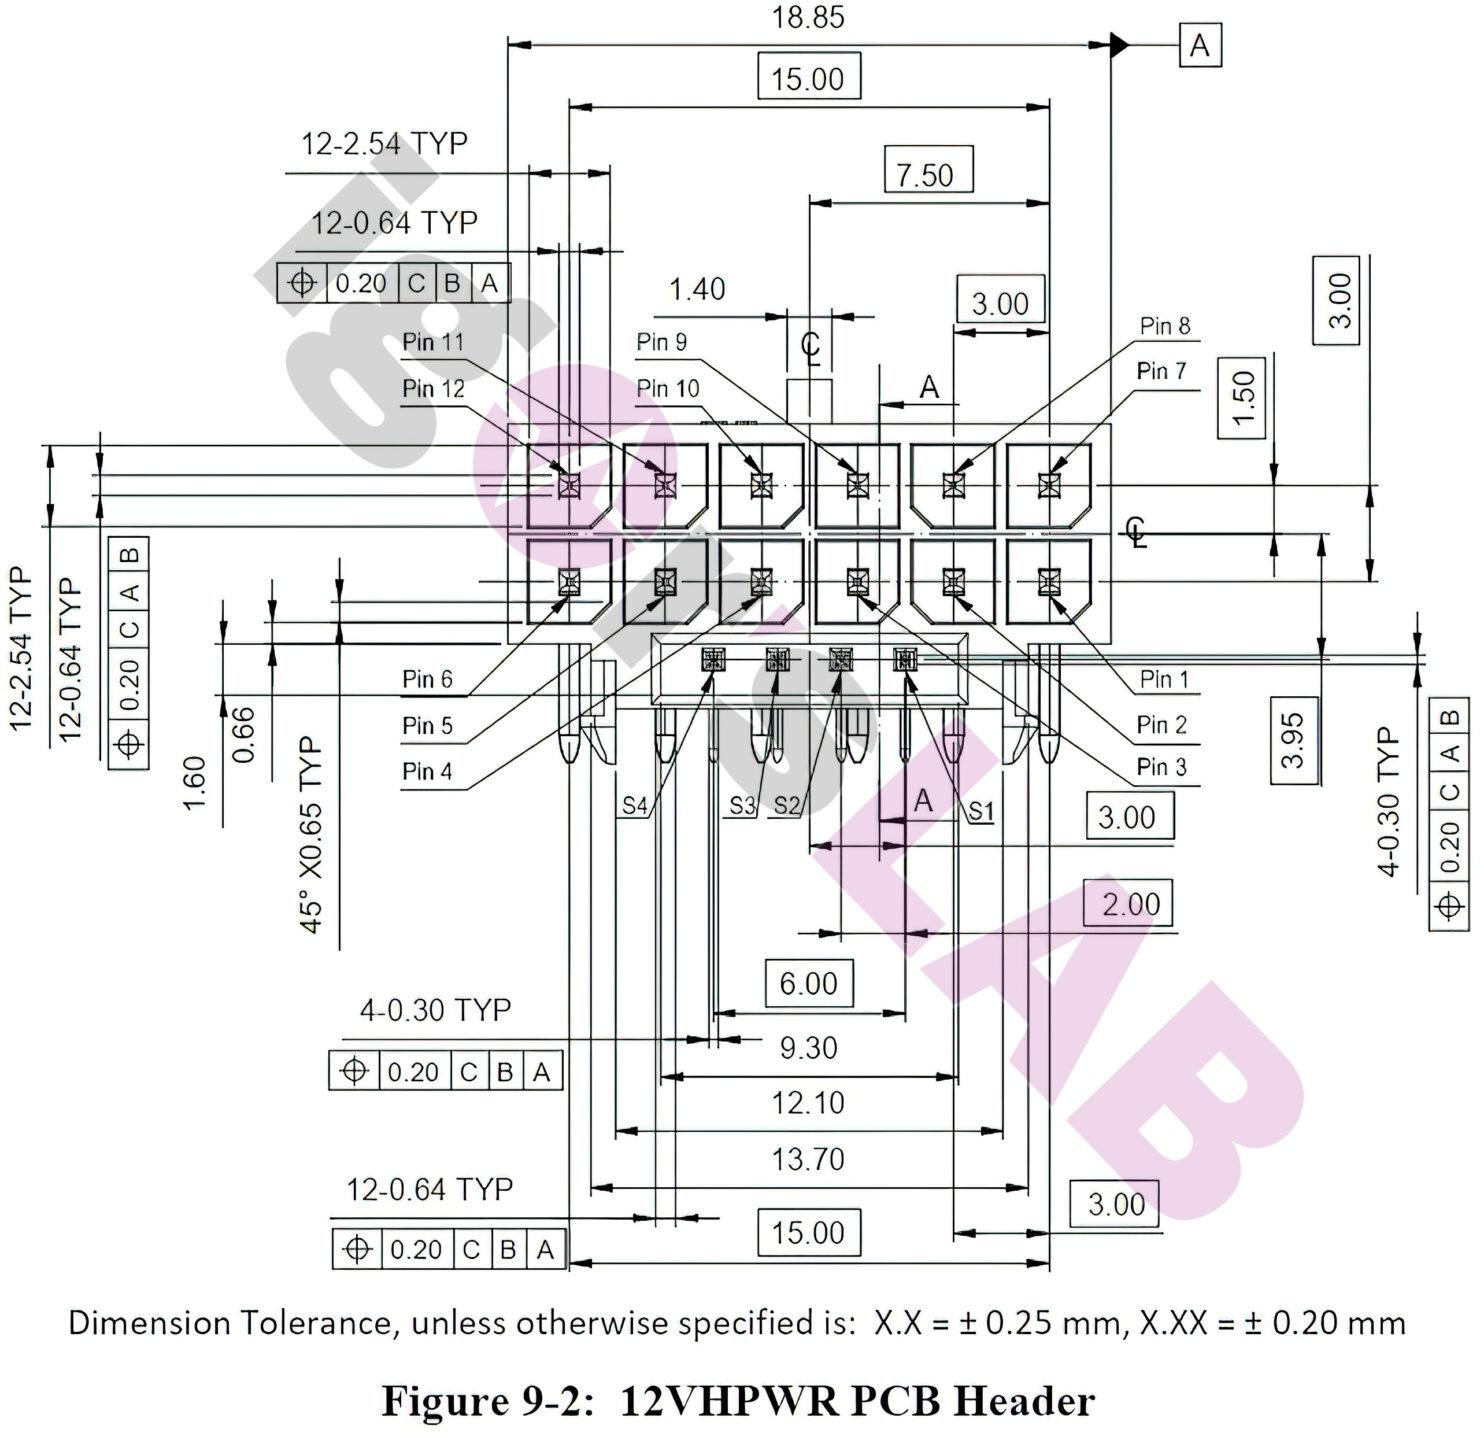 pcie-gen-5-0-conector-de-alta-potencia-600w-para-geforce-rtx-3090-ti-_2